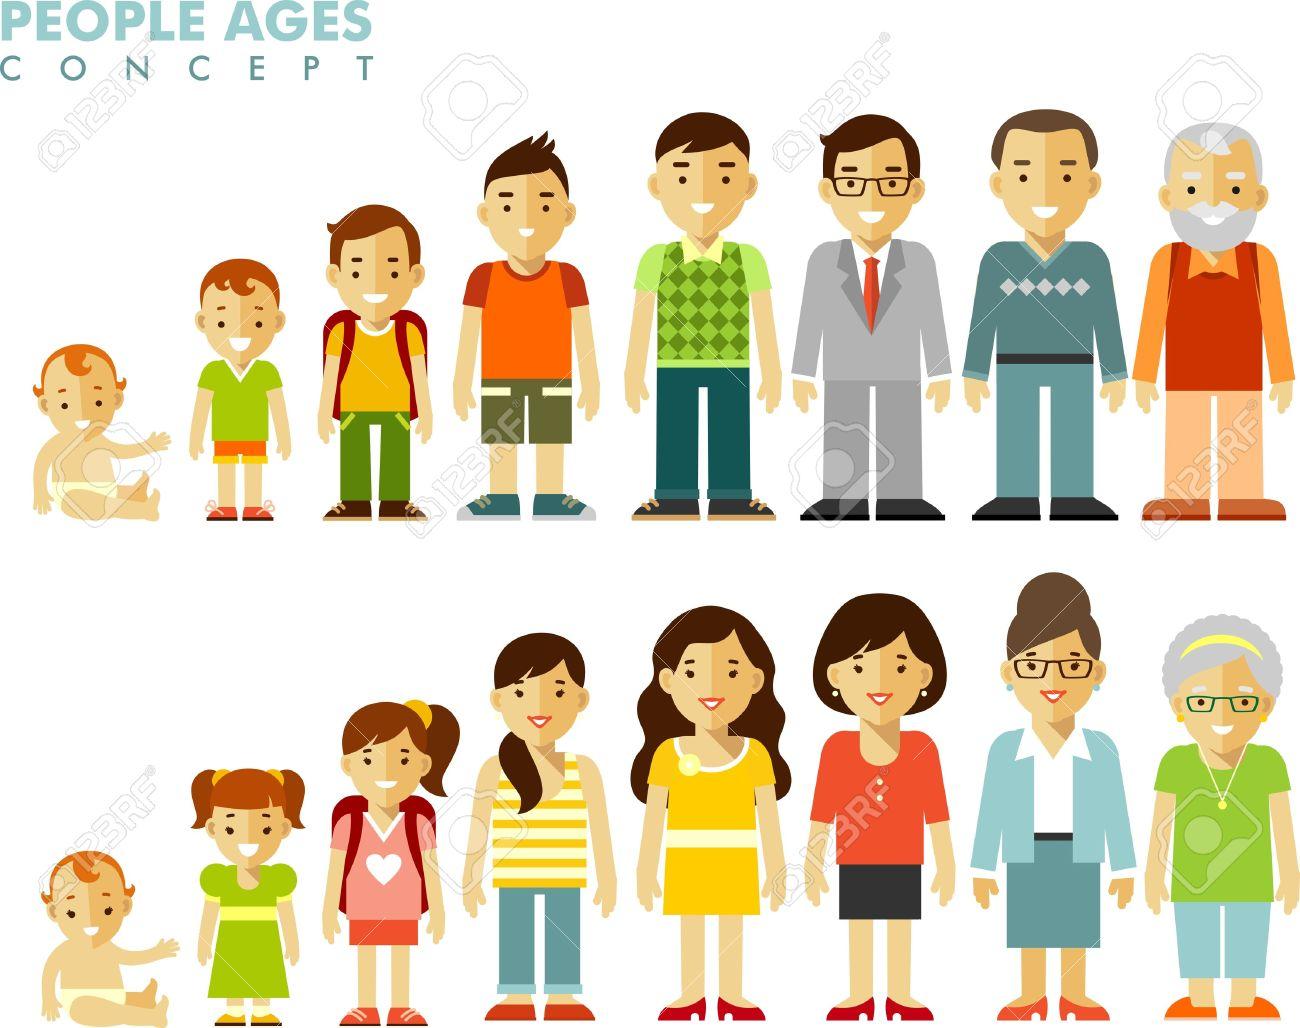 Adolescentes Y Viejos Video Porno hombre y mujer envejecimiento - bebé, niño, adolescente, joven, adulto, las  personas de edad